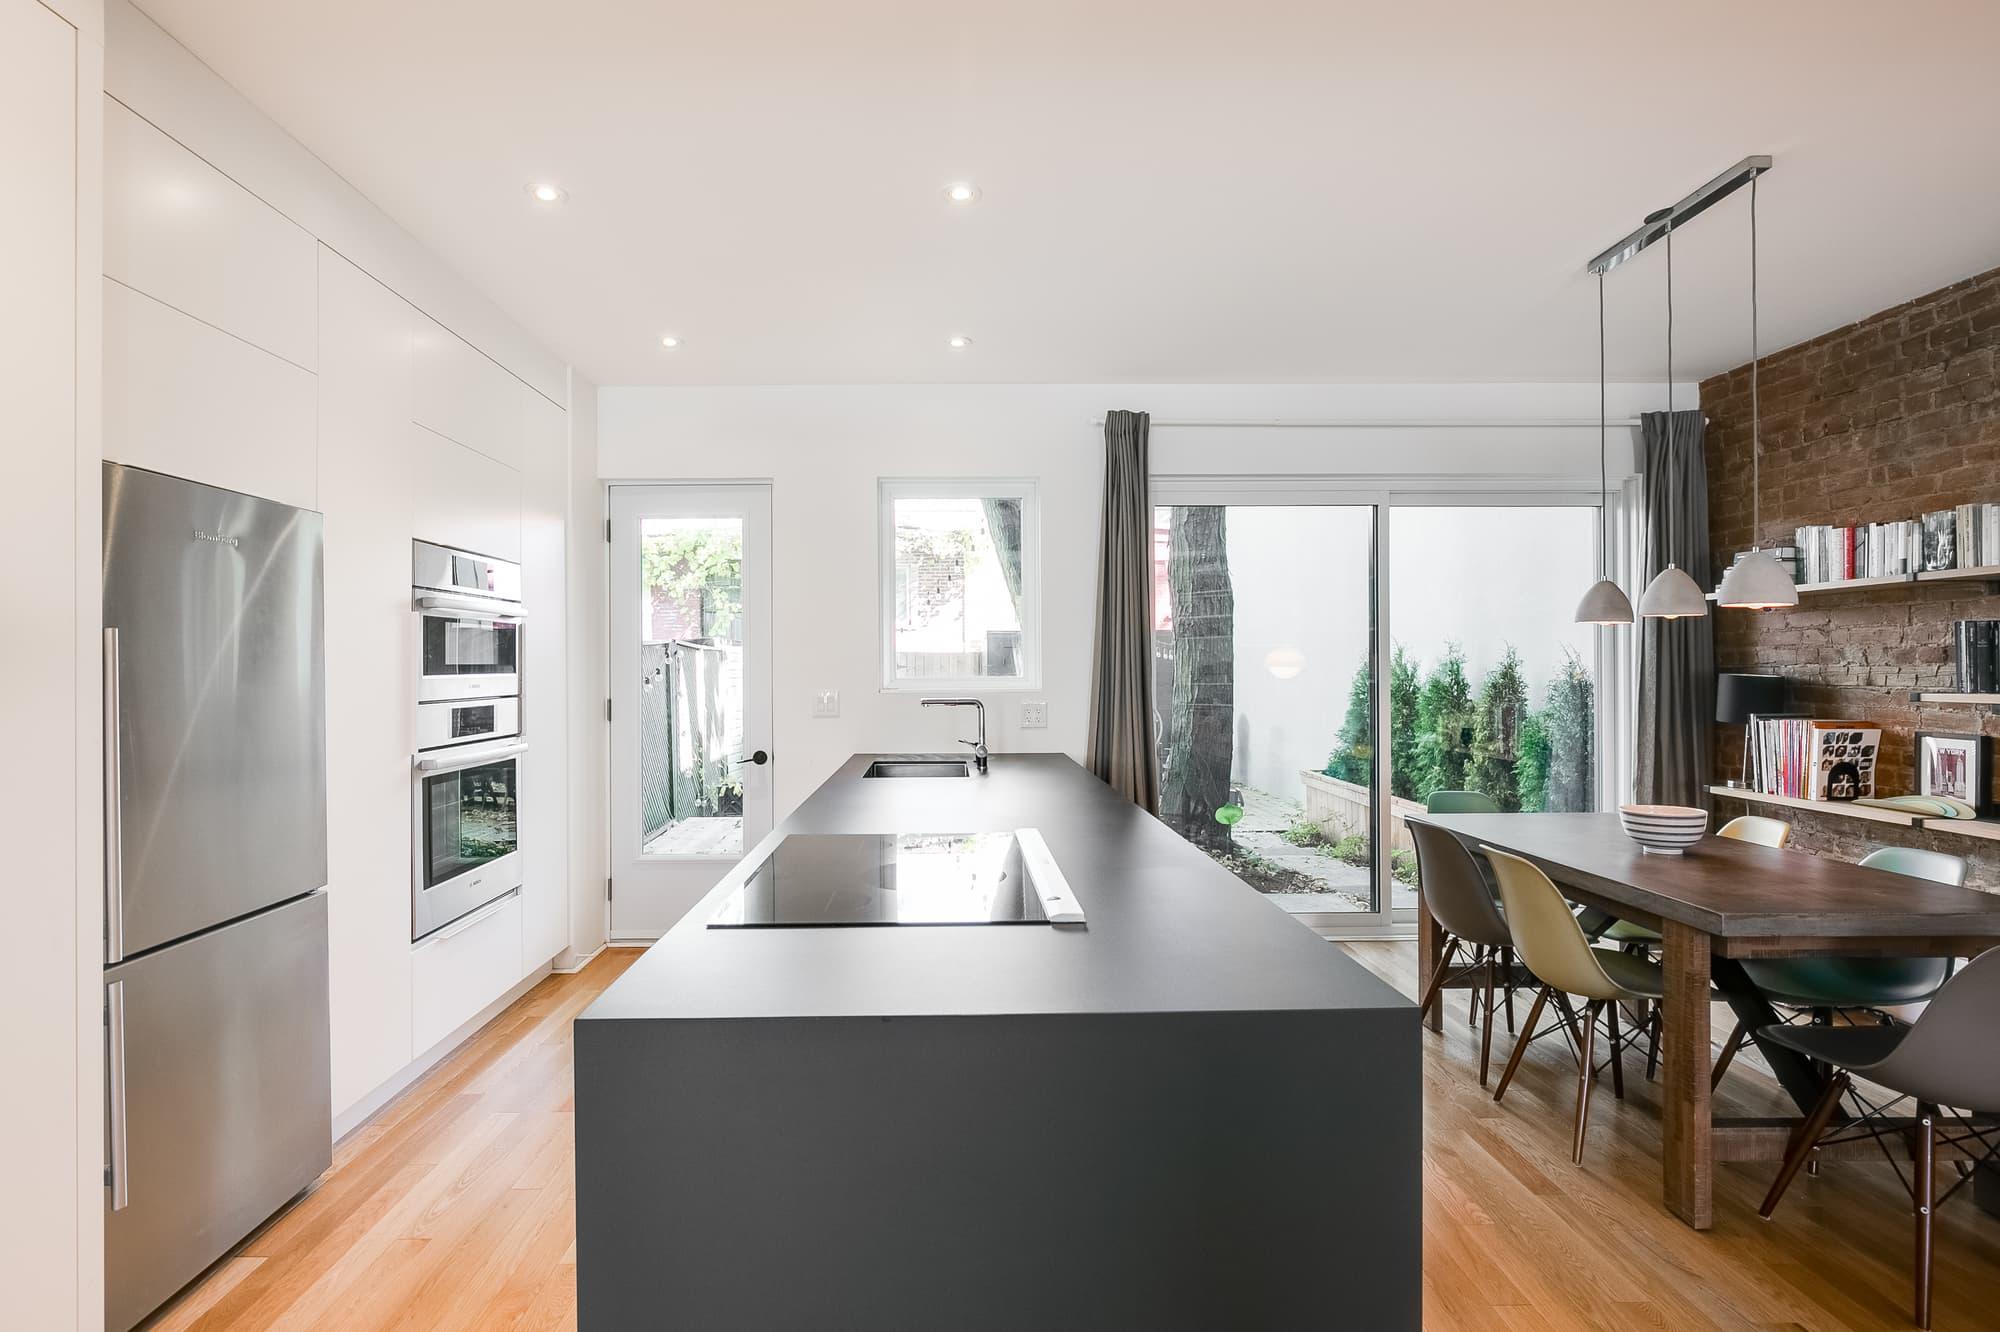 cuisine rénovée moderne blanche avec grand îlot et mur de brique dans la salle à manger